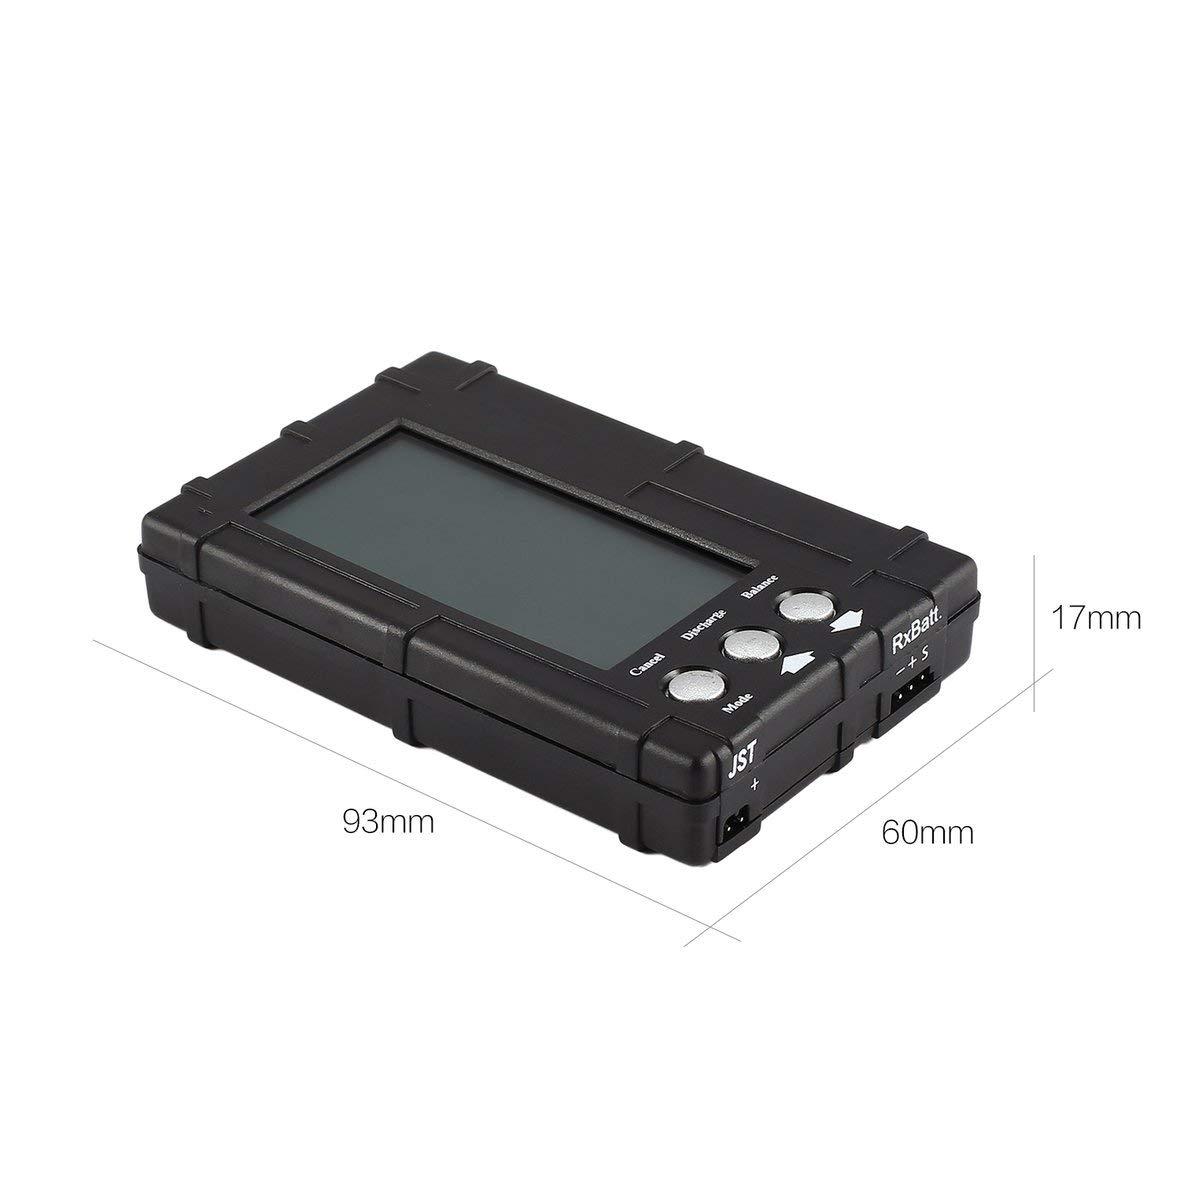 Heaviesk 3in1 Batterie /équilibreur LiPo Life 2-6s /équilibrant d/échargeur voltm/ètre testeur /écran LCD enregistrer JST connecteur pour mod/èle RC